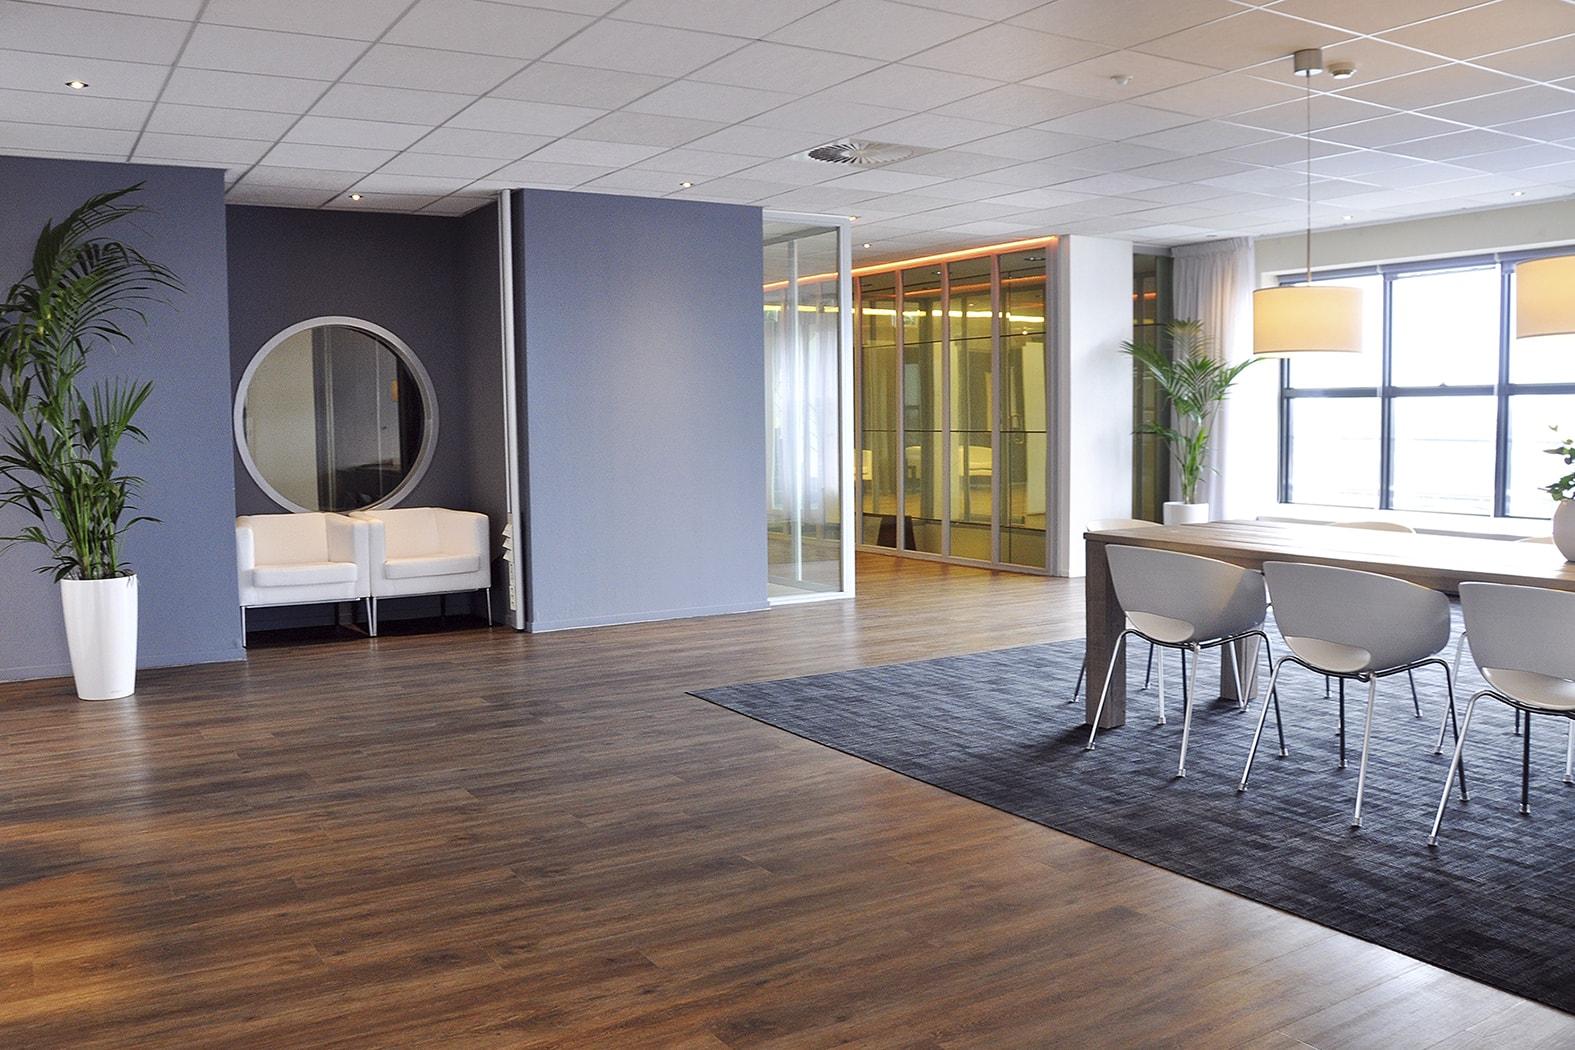 Kantoorruimte huren in Aalsmeer | Crown Business Center Aalsmeer